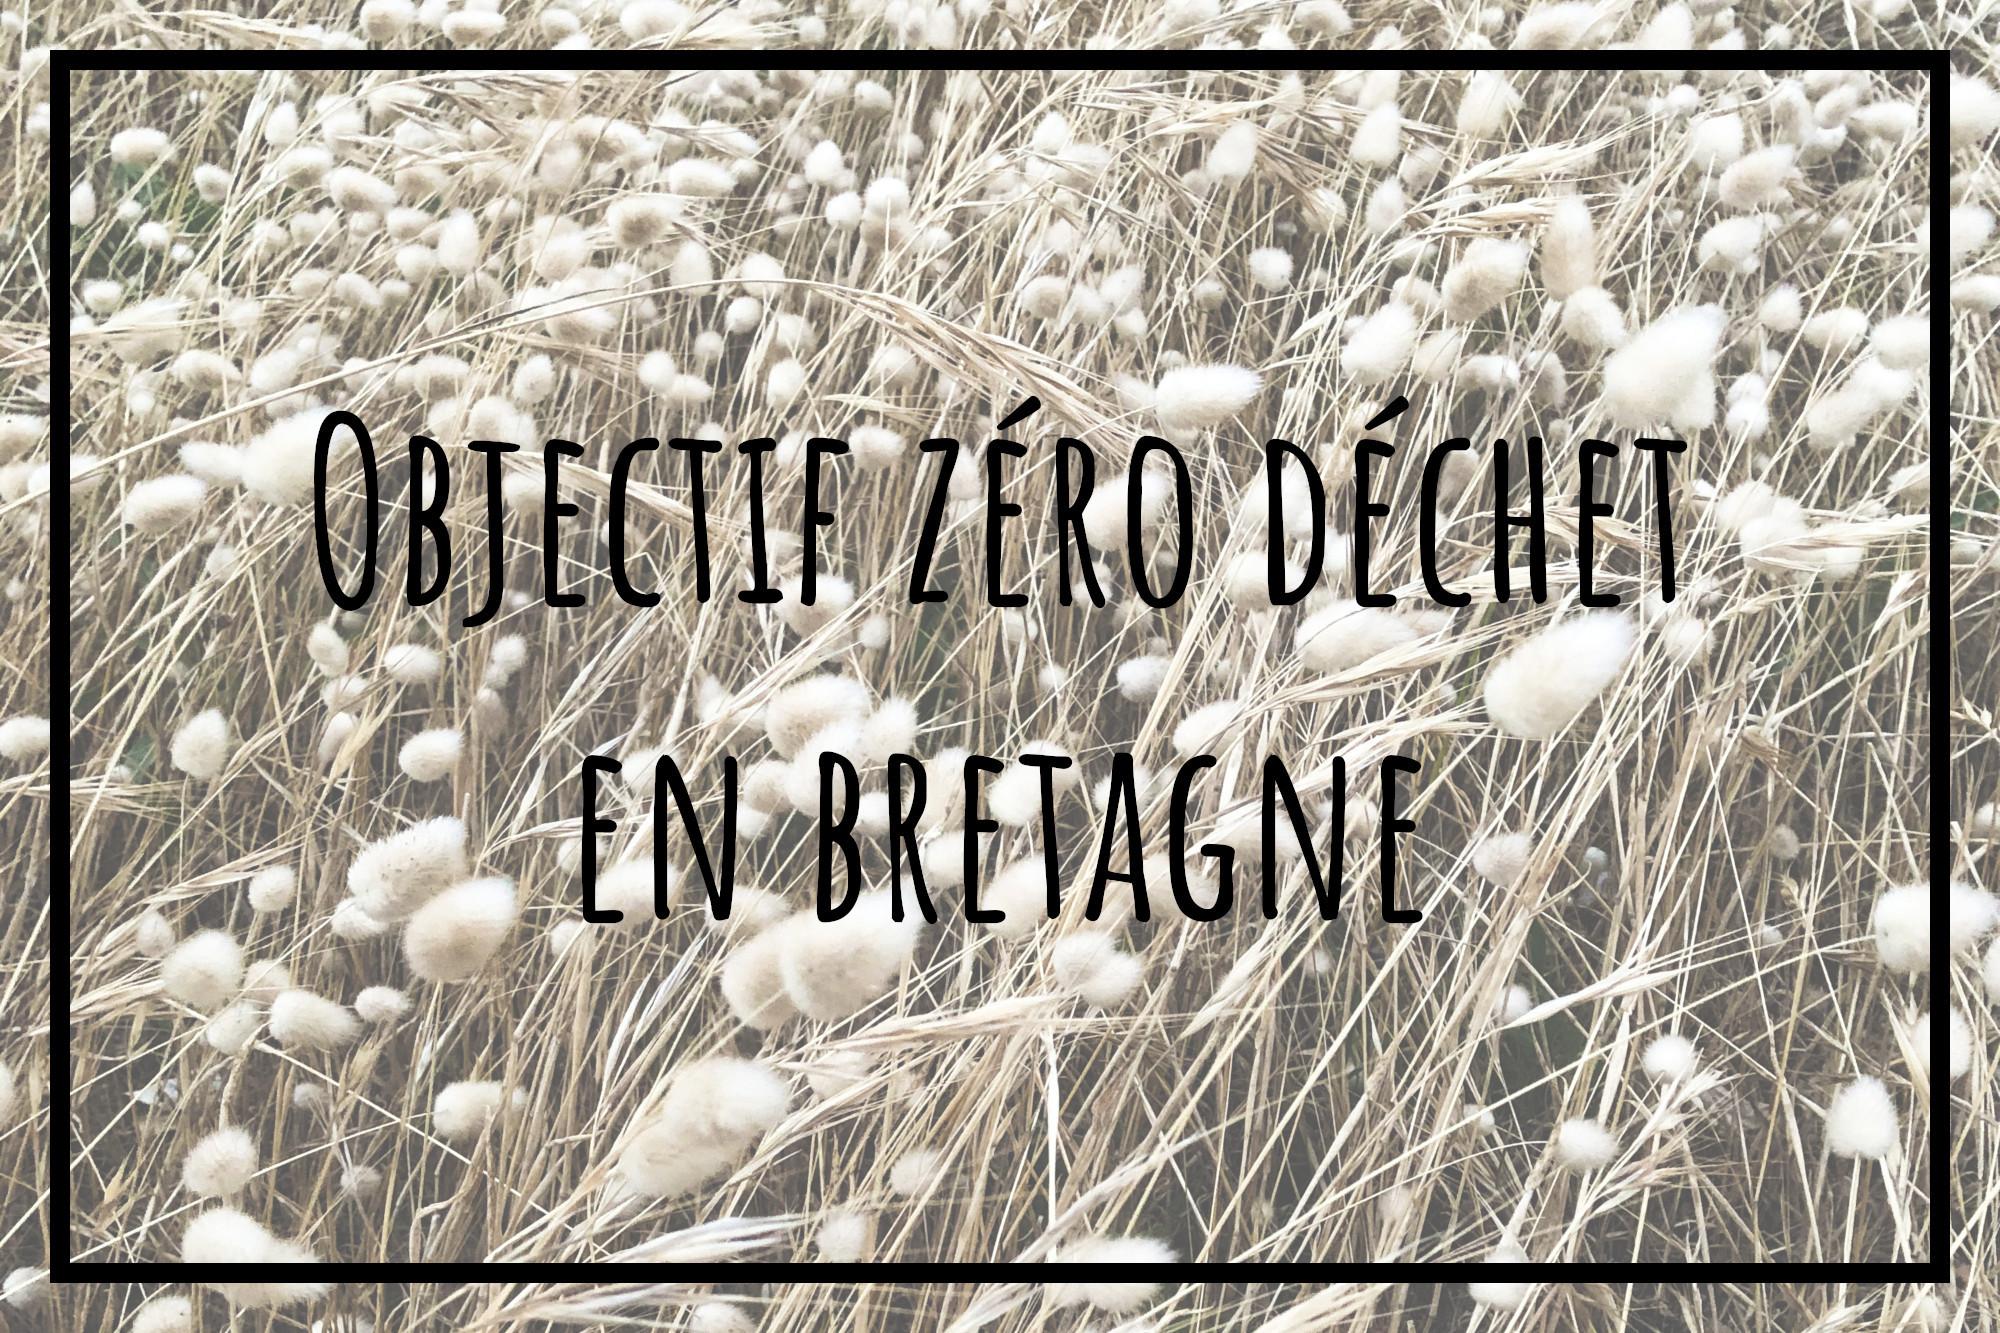 You are currently viewing Objectif zéro déchet en Bretagne